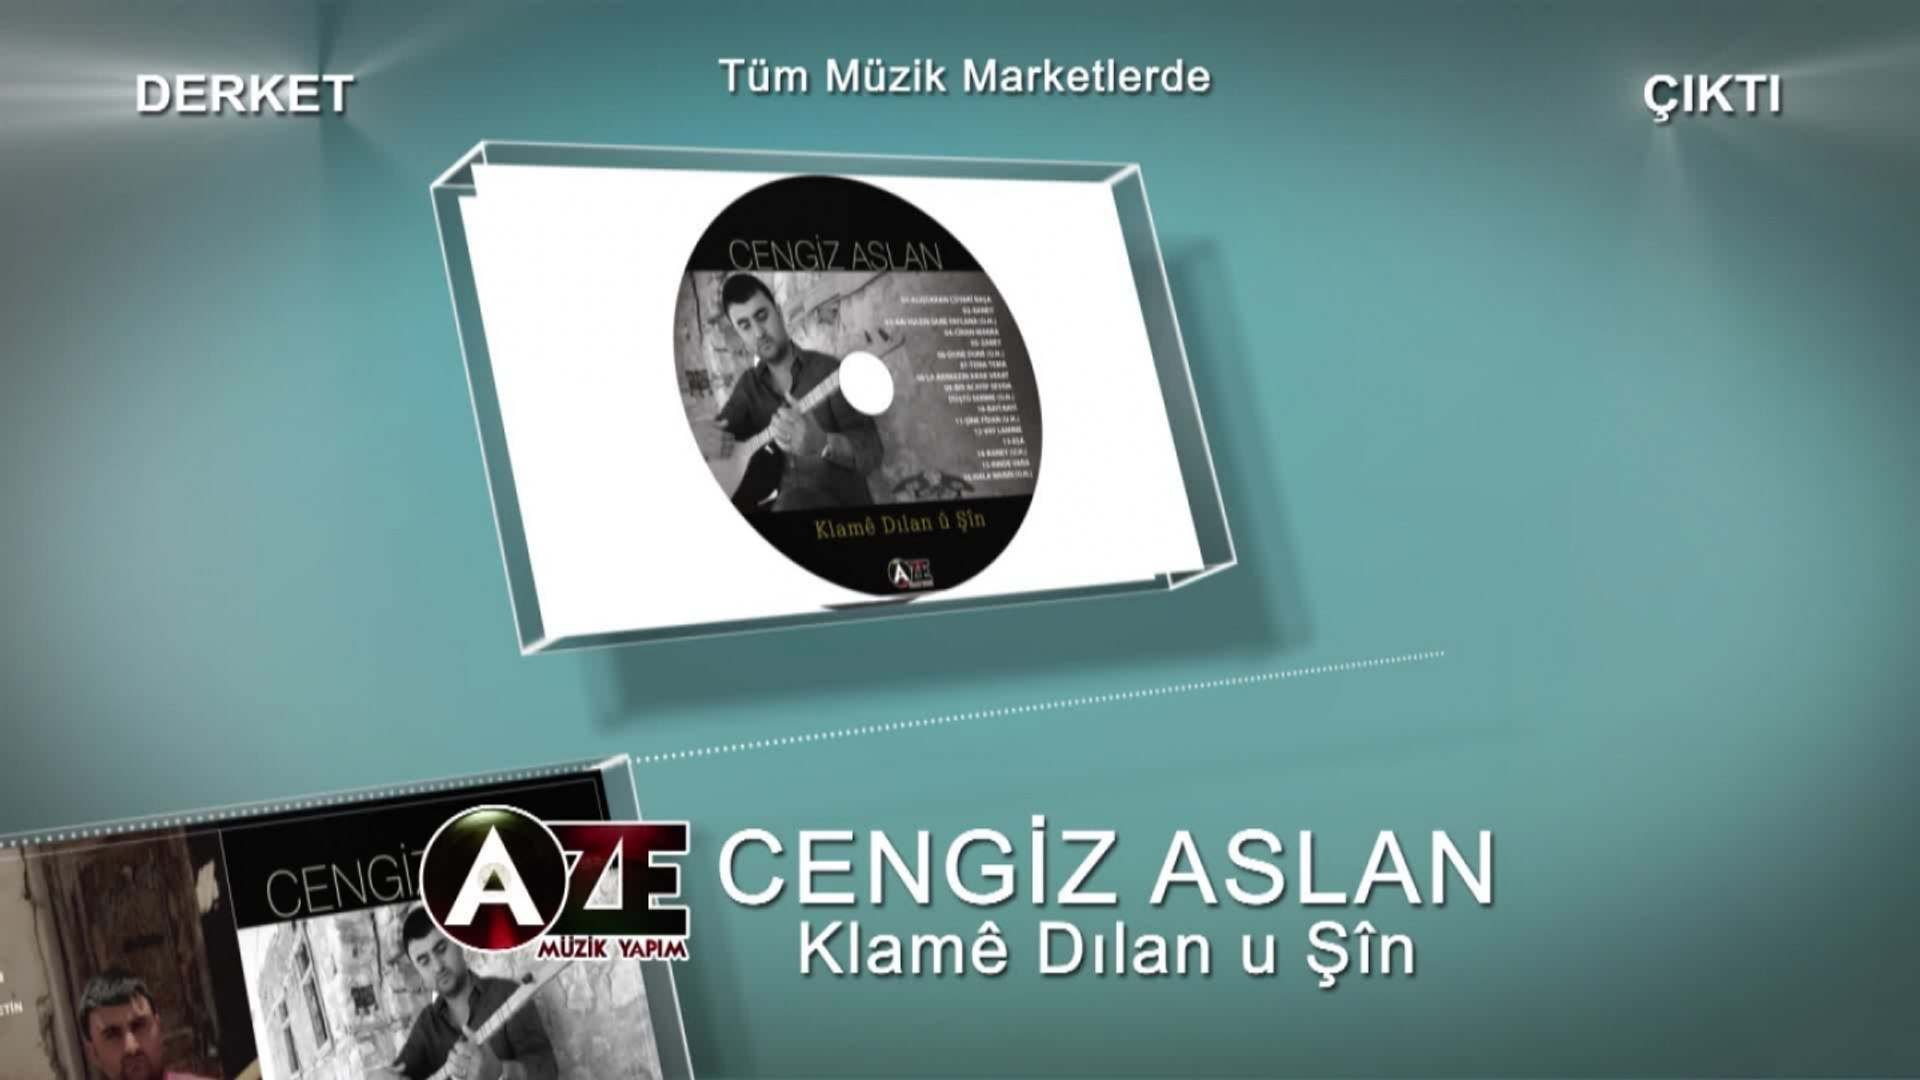 Cengiz Aslan - Teaser